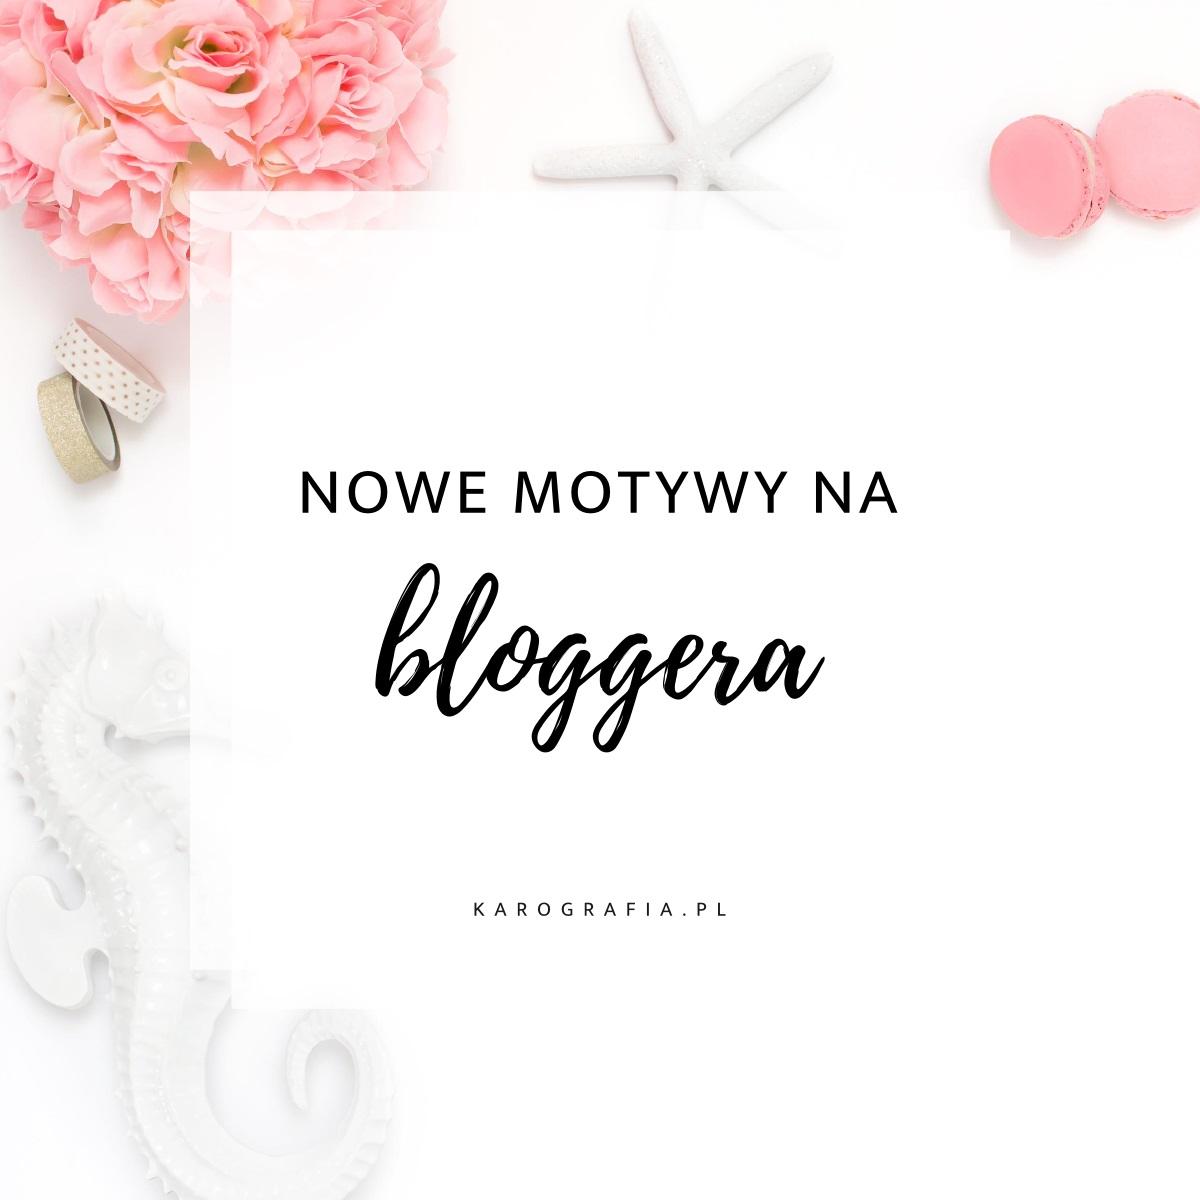 Nowe motywy na bloggera! - kilka zmian, które przykuły moją uwagę